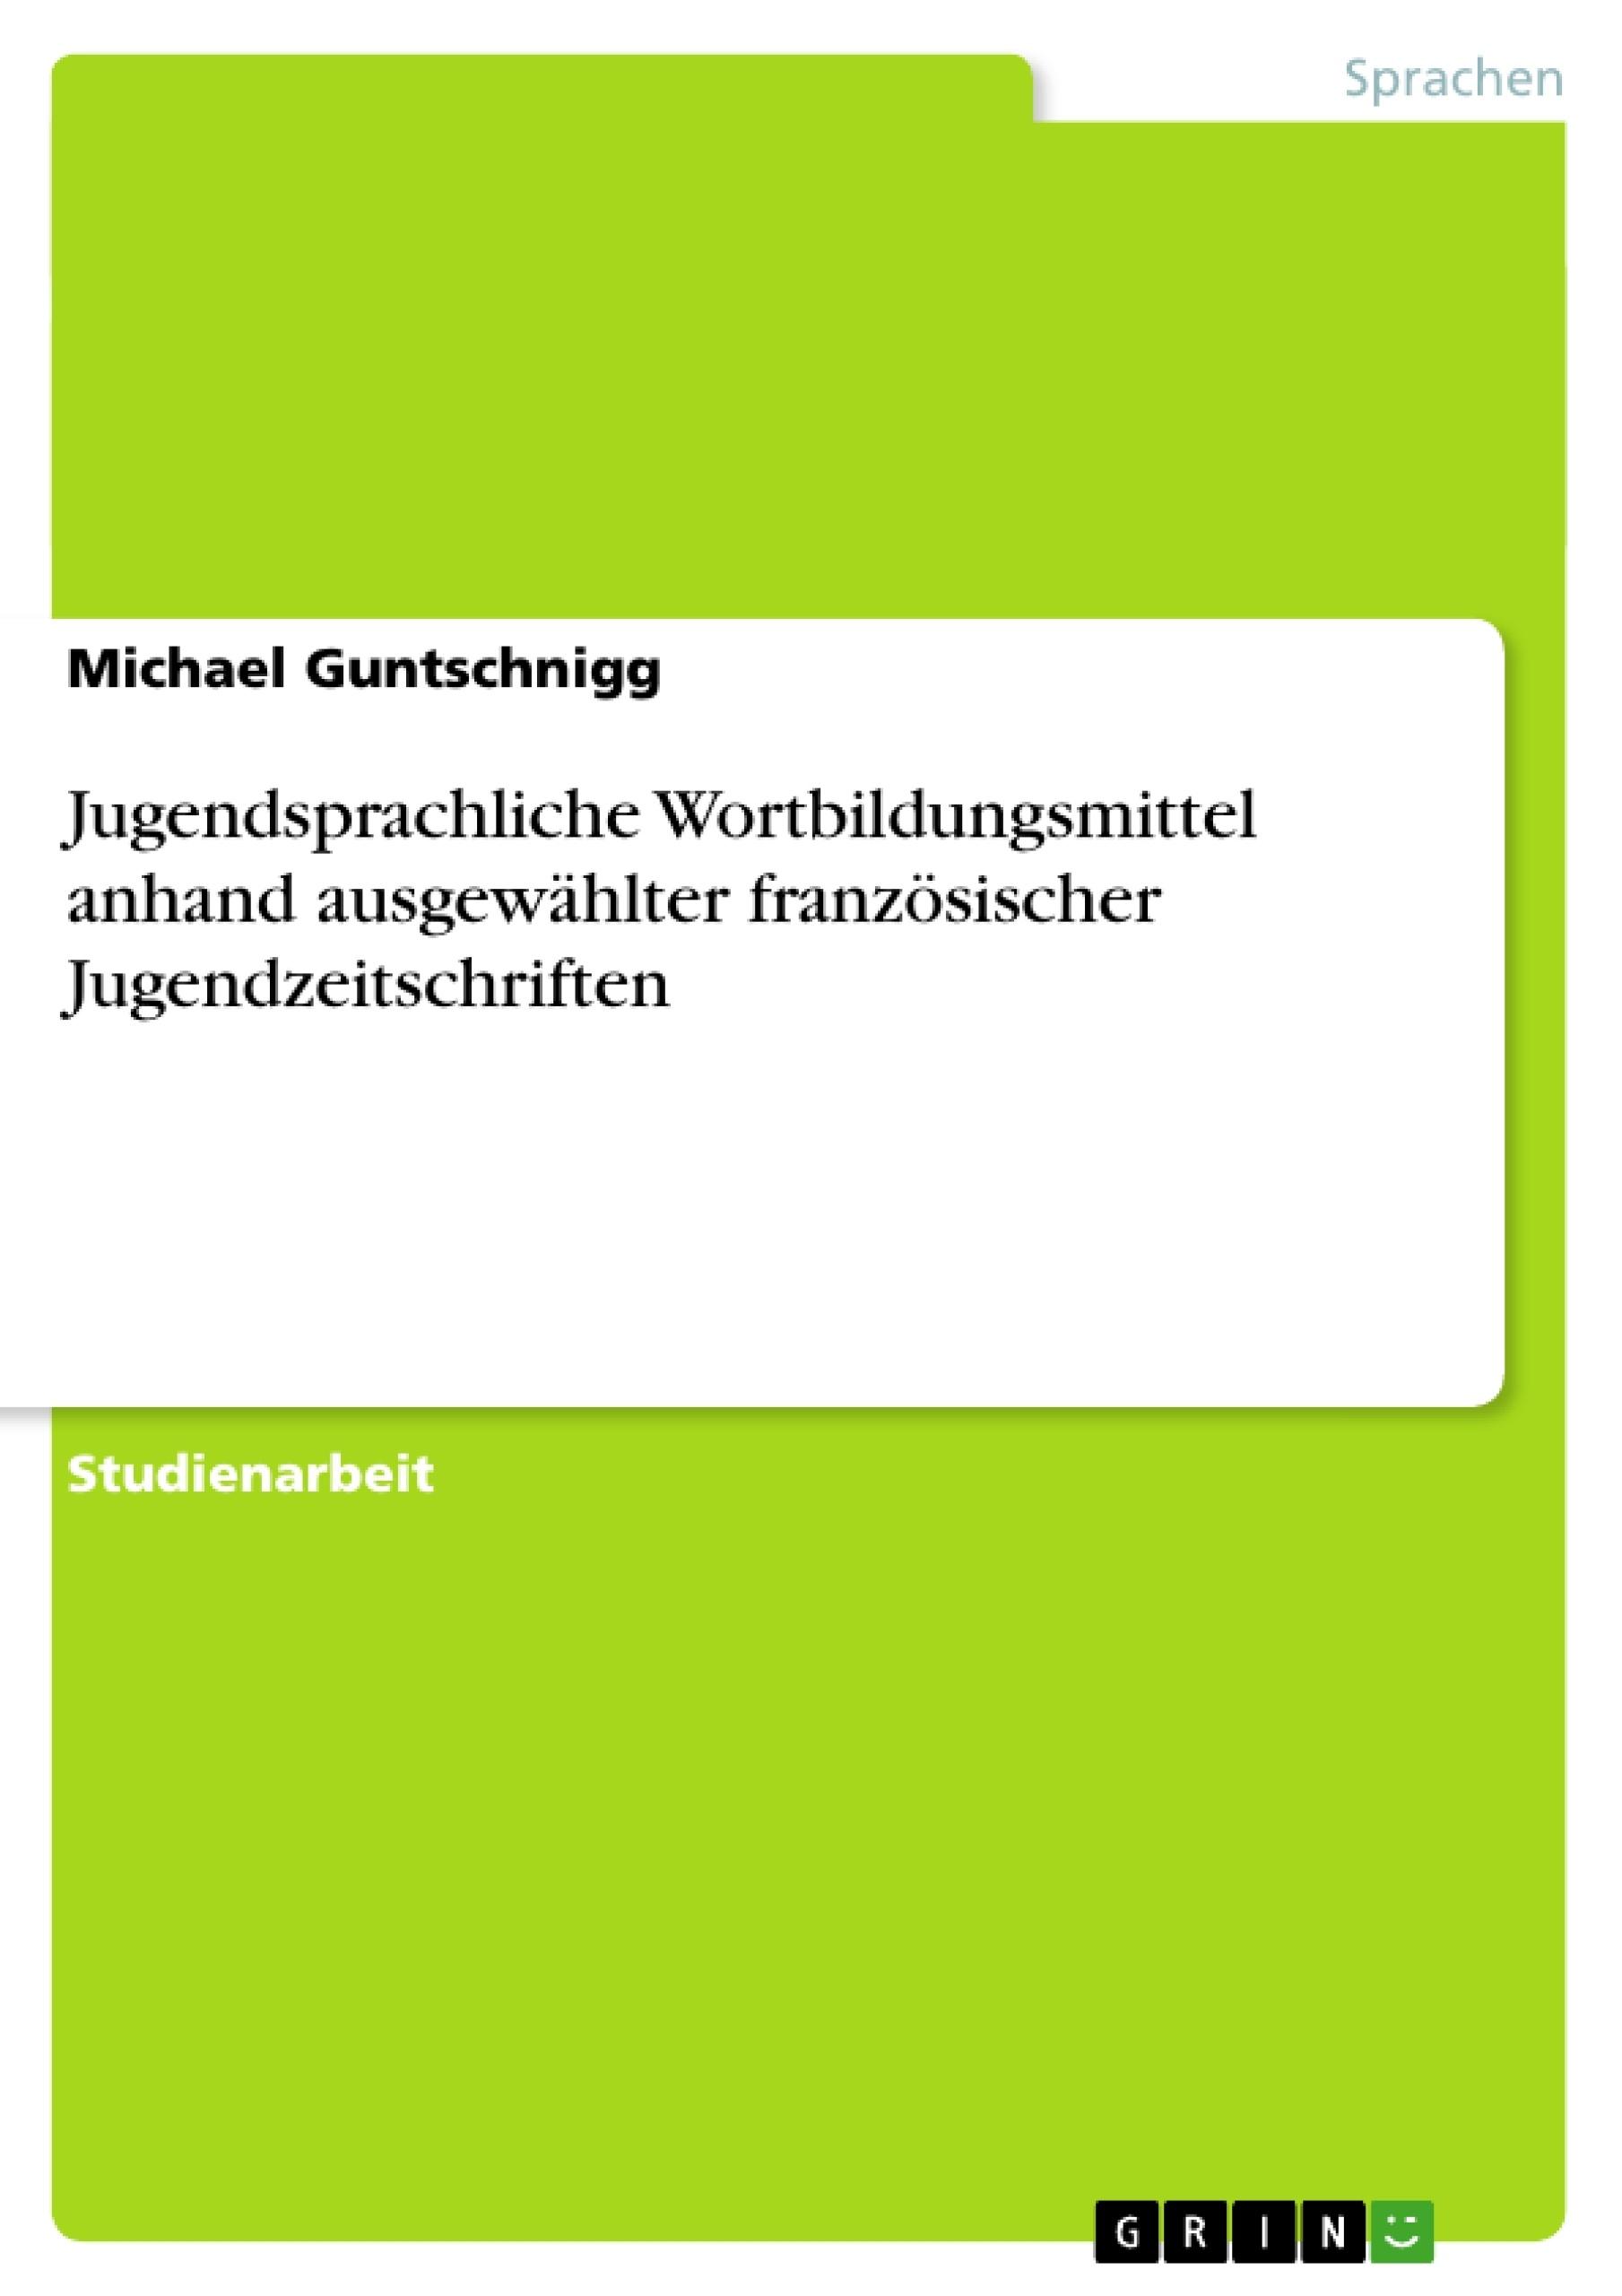 Titel: Jugendsprachliche Wortbildungsmittel anhand ausgewählter französischer Jugendzeitschriften